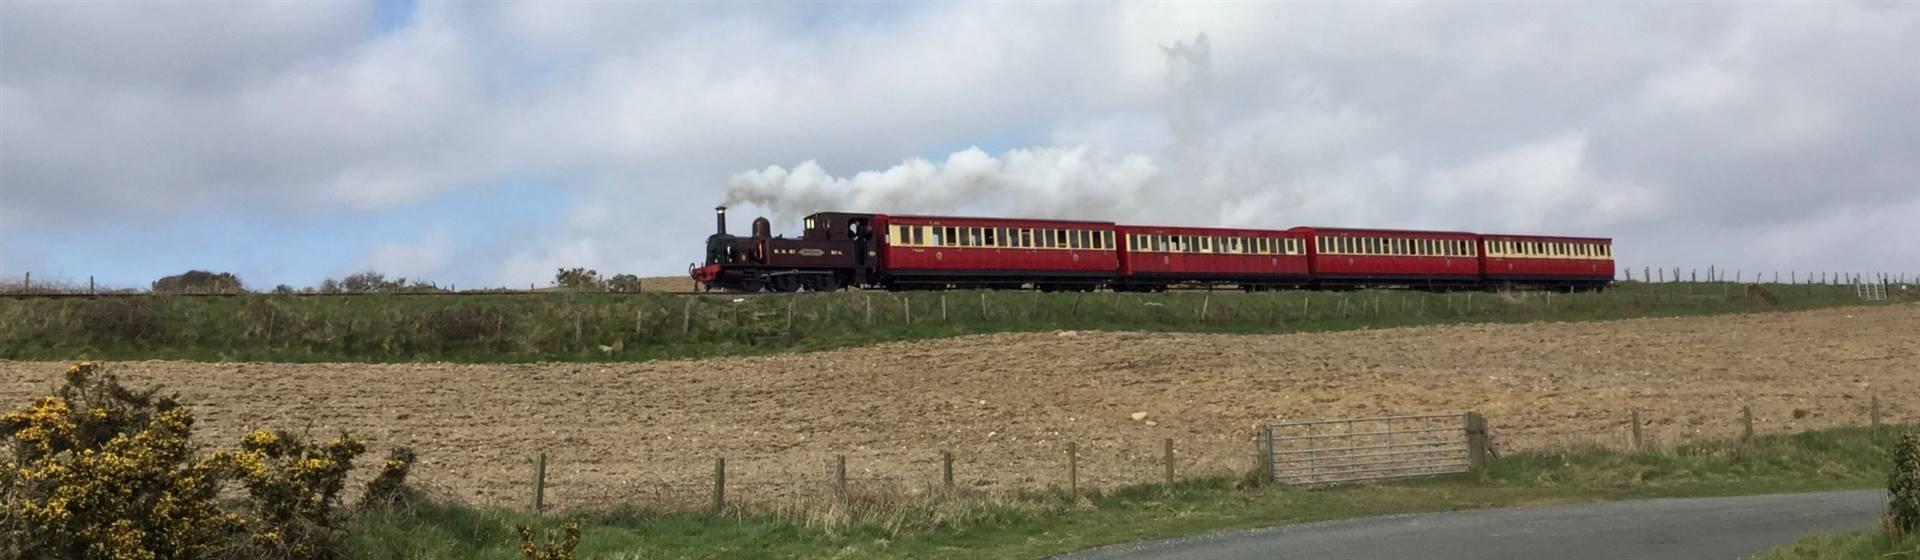 """<img src=iisleofmanrailway-shutterstock.jpeg"""" alt=""""Isle of Man Railway""""/>"""